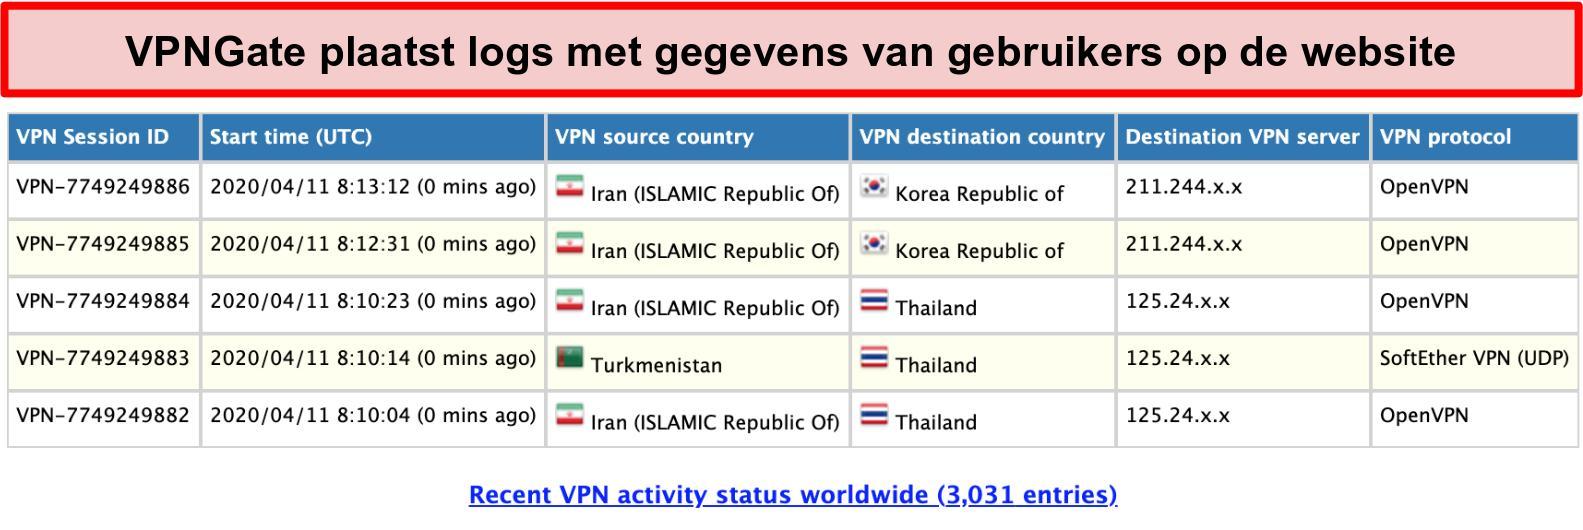 Schermafbeelding van de gebruikerslogboeken van VPNGate op de website